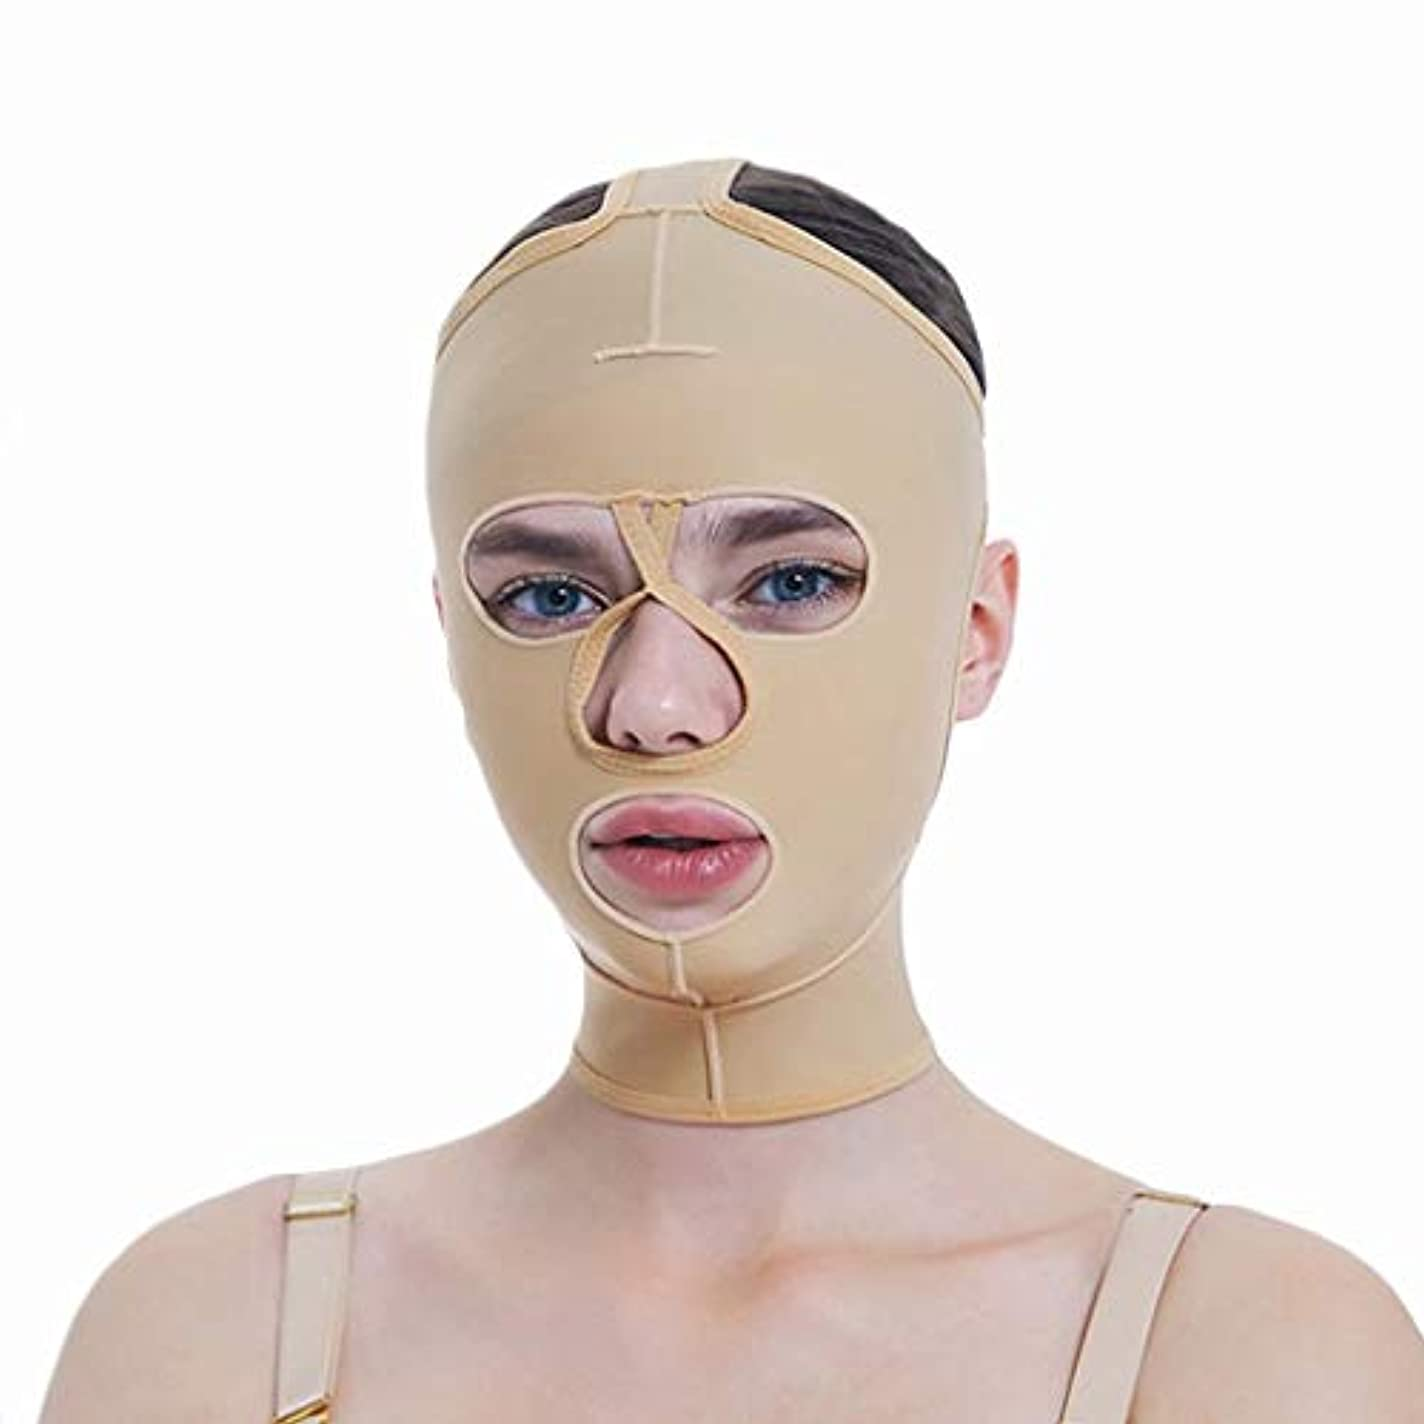 フェイシャル減量マスク、フルカバレッジ包帯、フルフェイスリフティングマスク、フェイスマスク、快適で リフティングシェーピング(サイズ:S),S